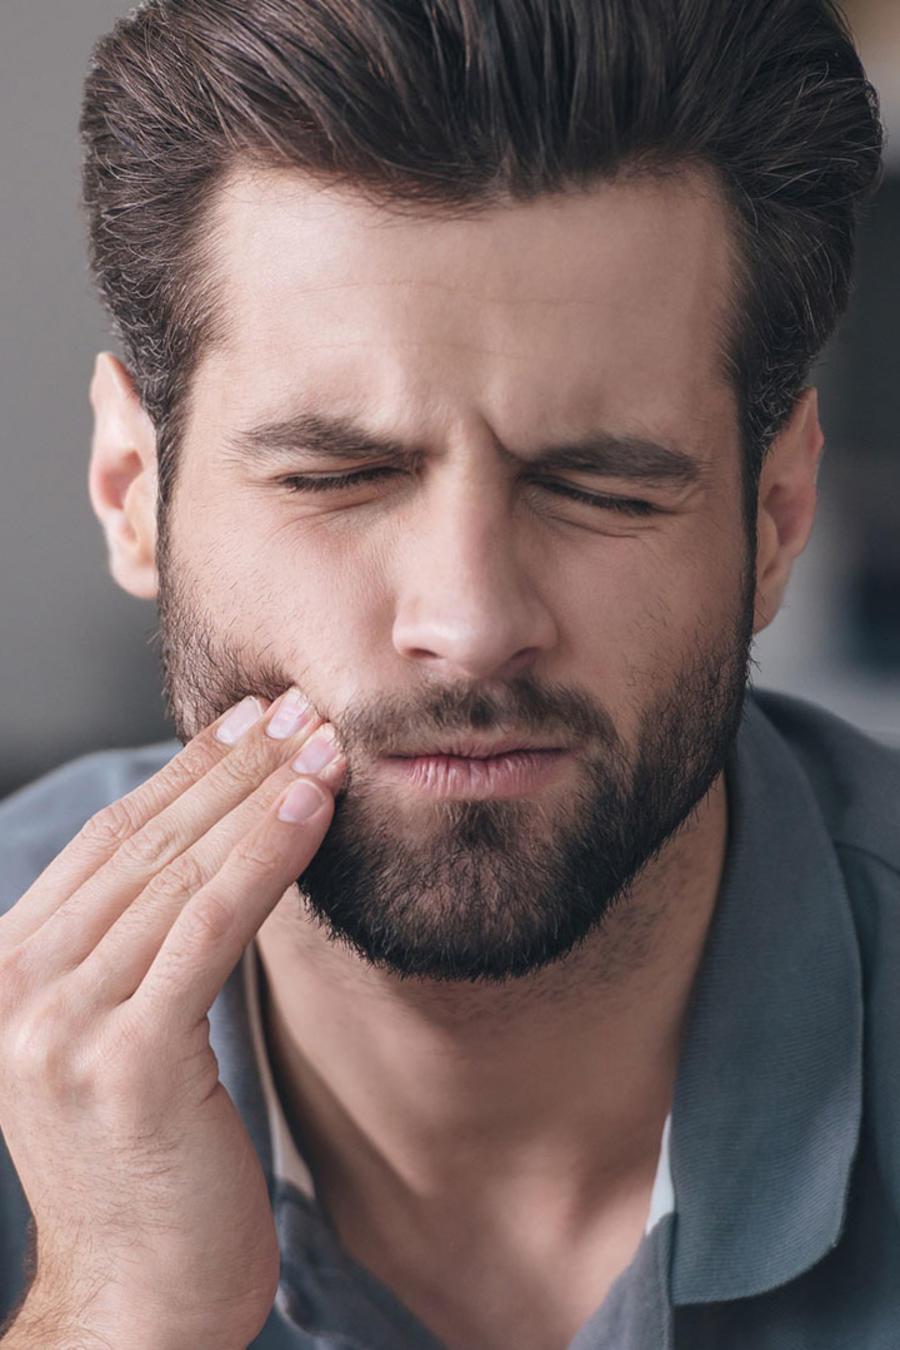 7 signos del cáncer de boca. ¿Estás en riesgo?